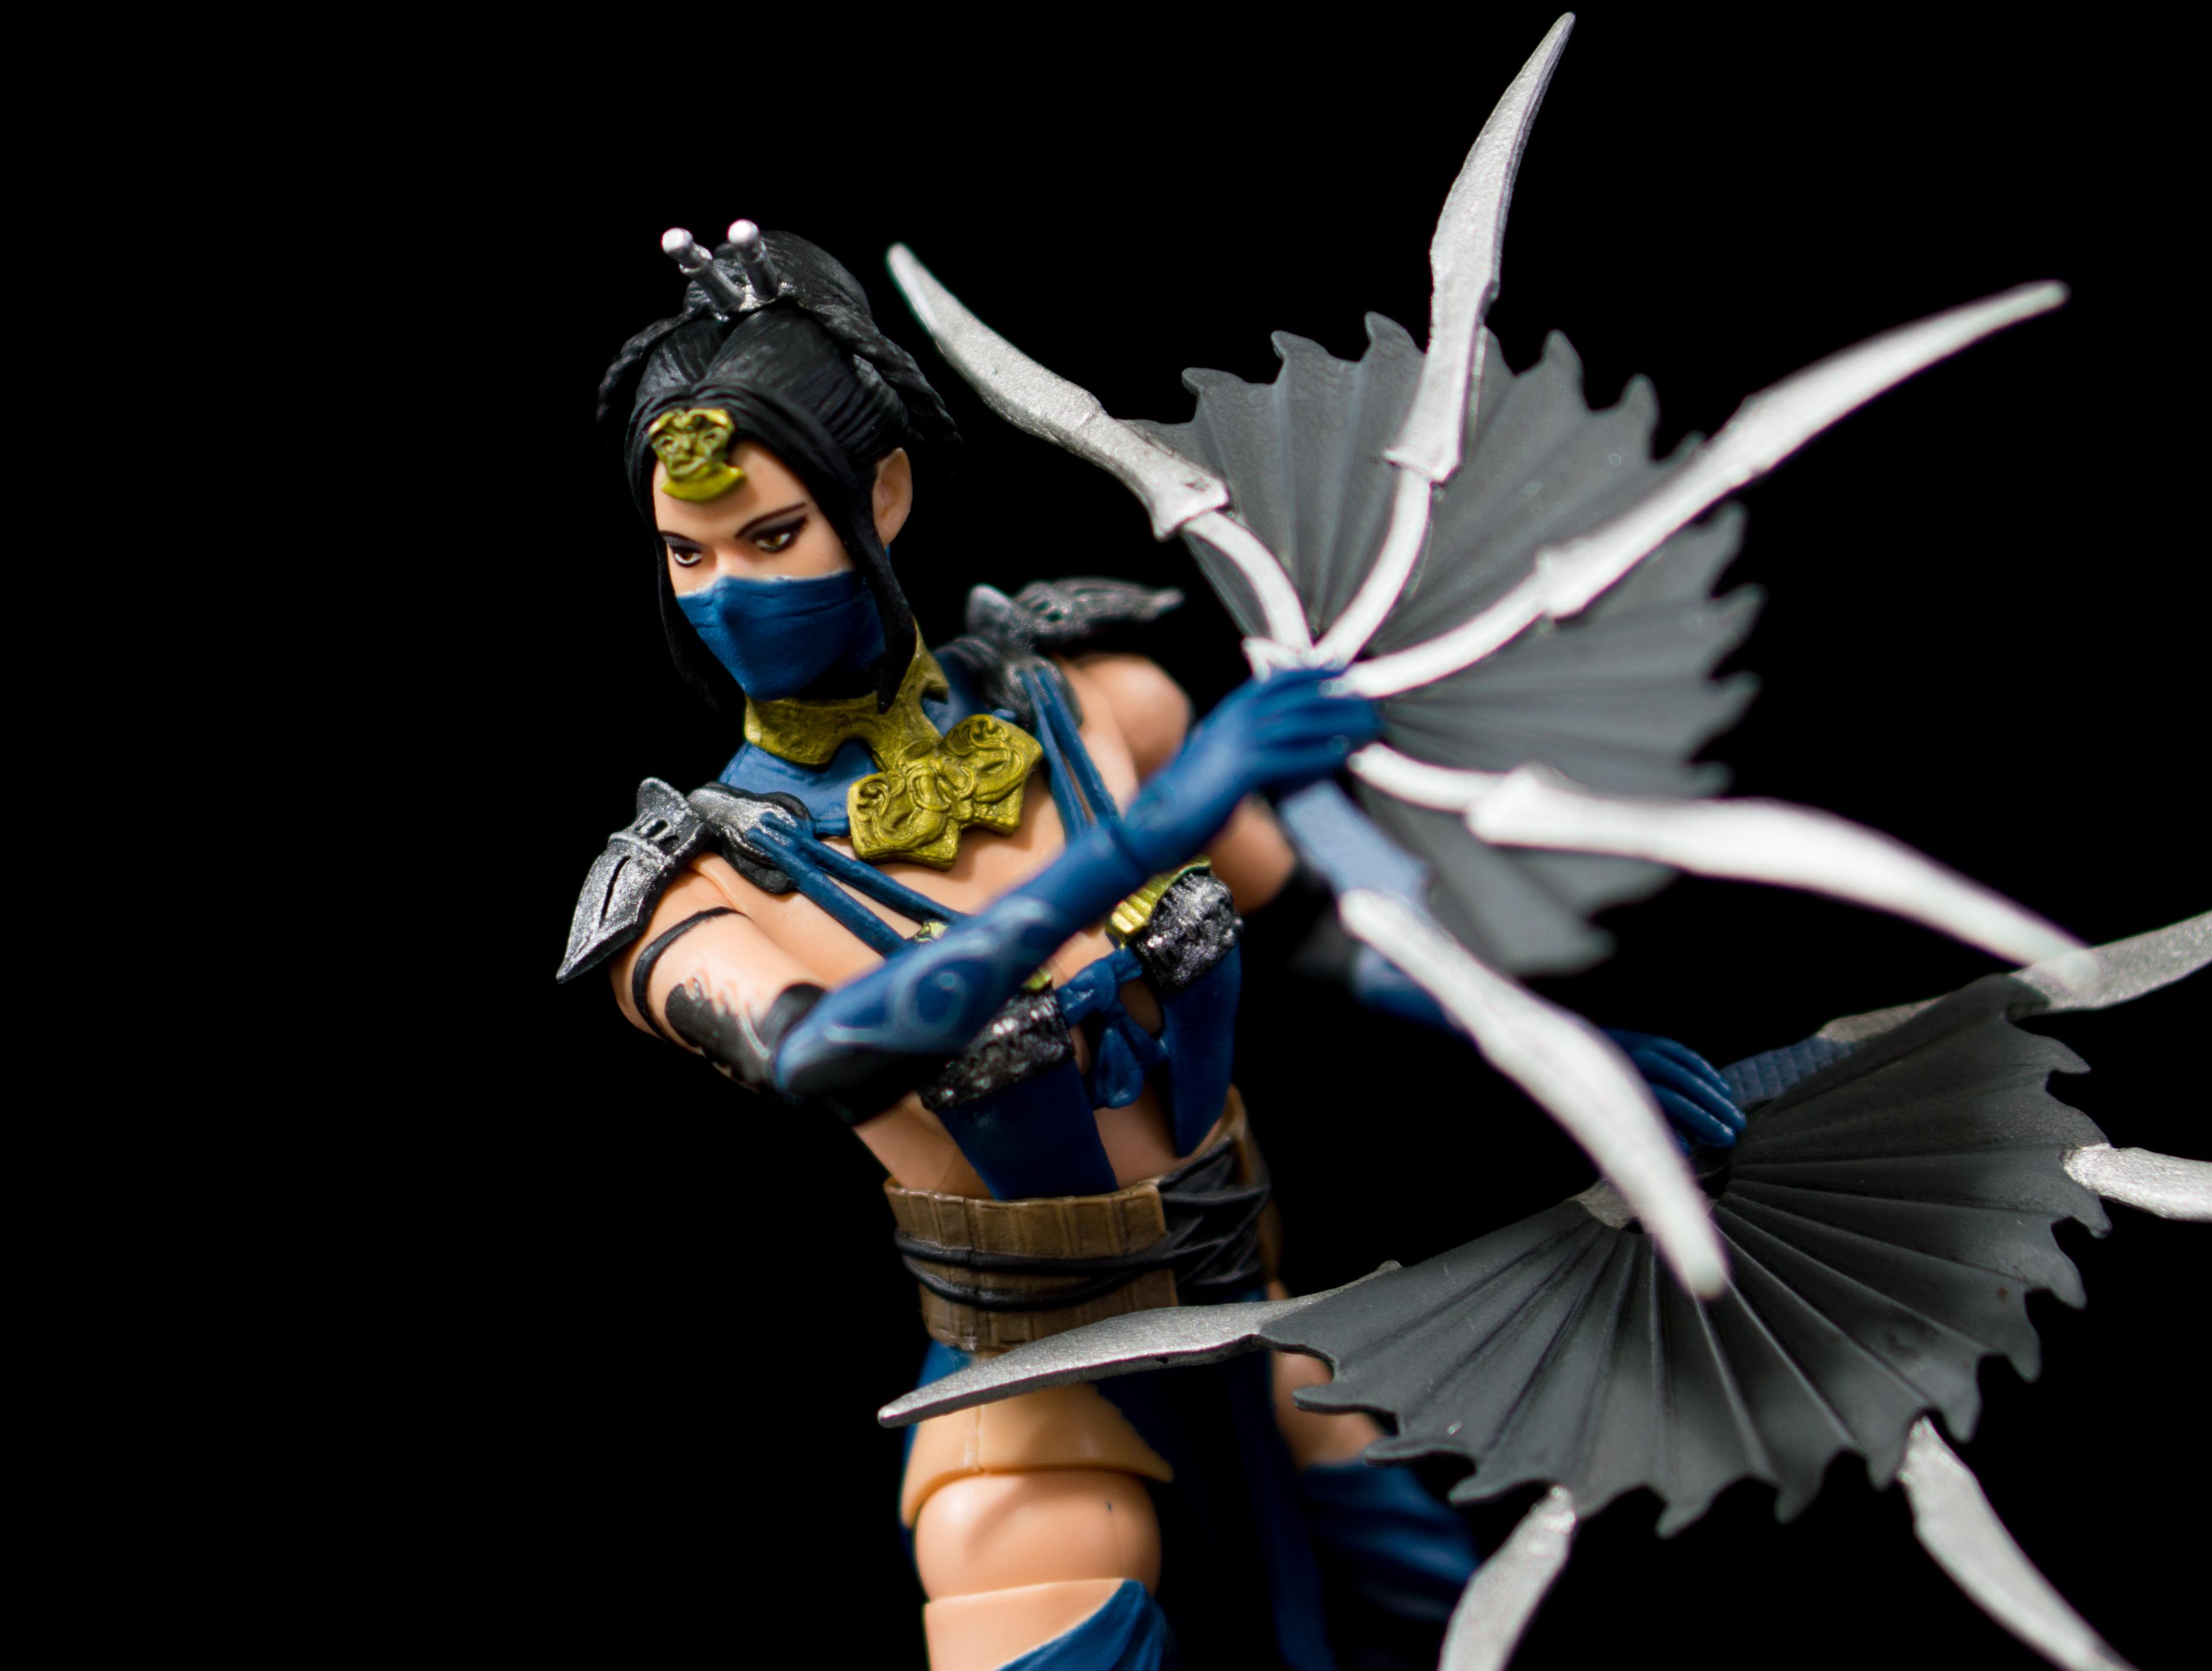 Noticias,tecnologia, humor, y +: Mortal Kombat 11